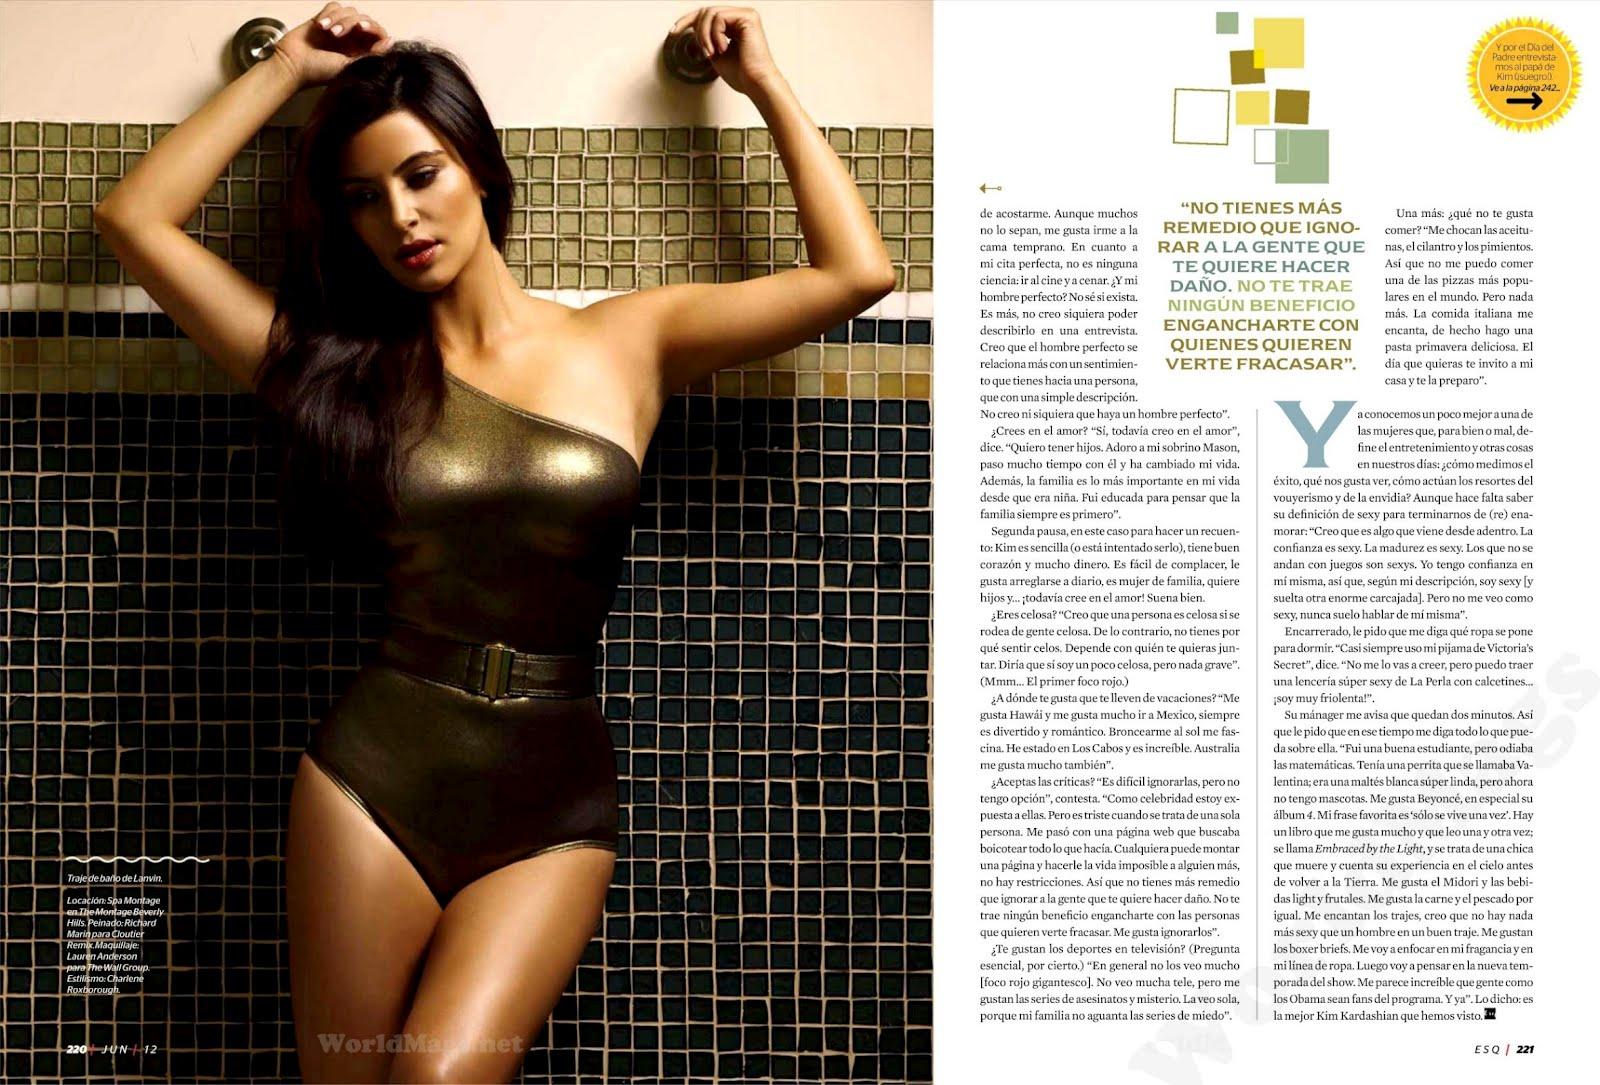 http://4.bp.blogspot.com/-XGhL1eqB_mE/T99rMljwOnI/AAAAAAAAHNg/ebq8bBYwJkc/s1600/Kim-Kardashian-72.jpg